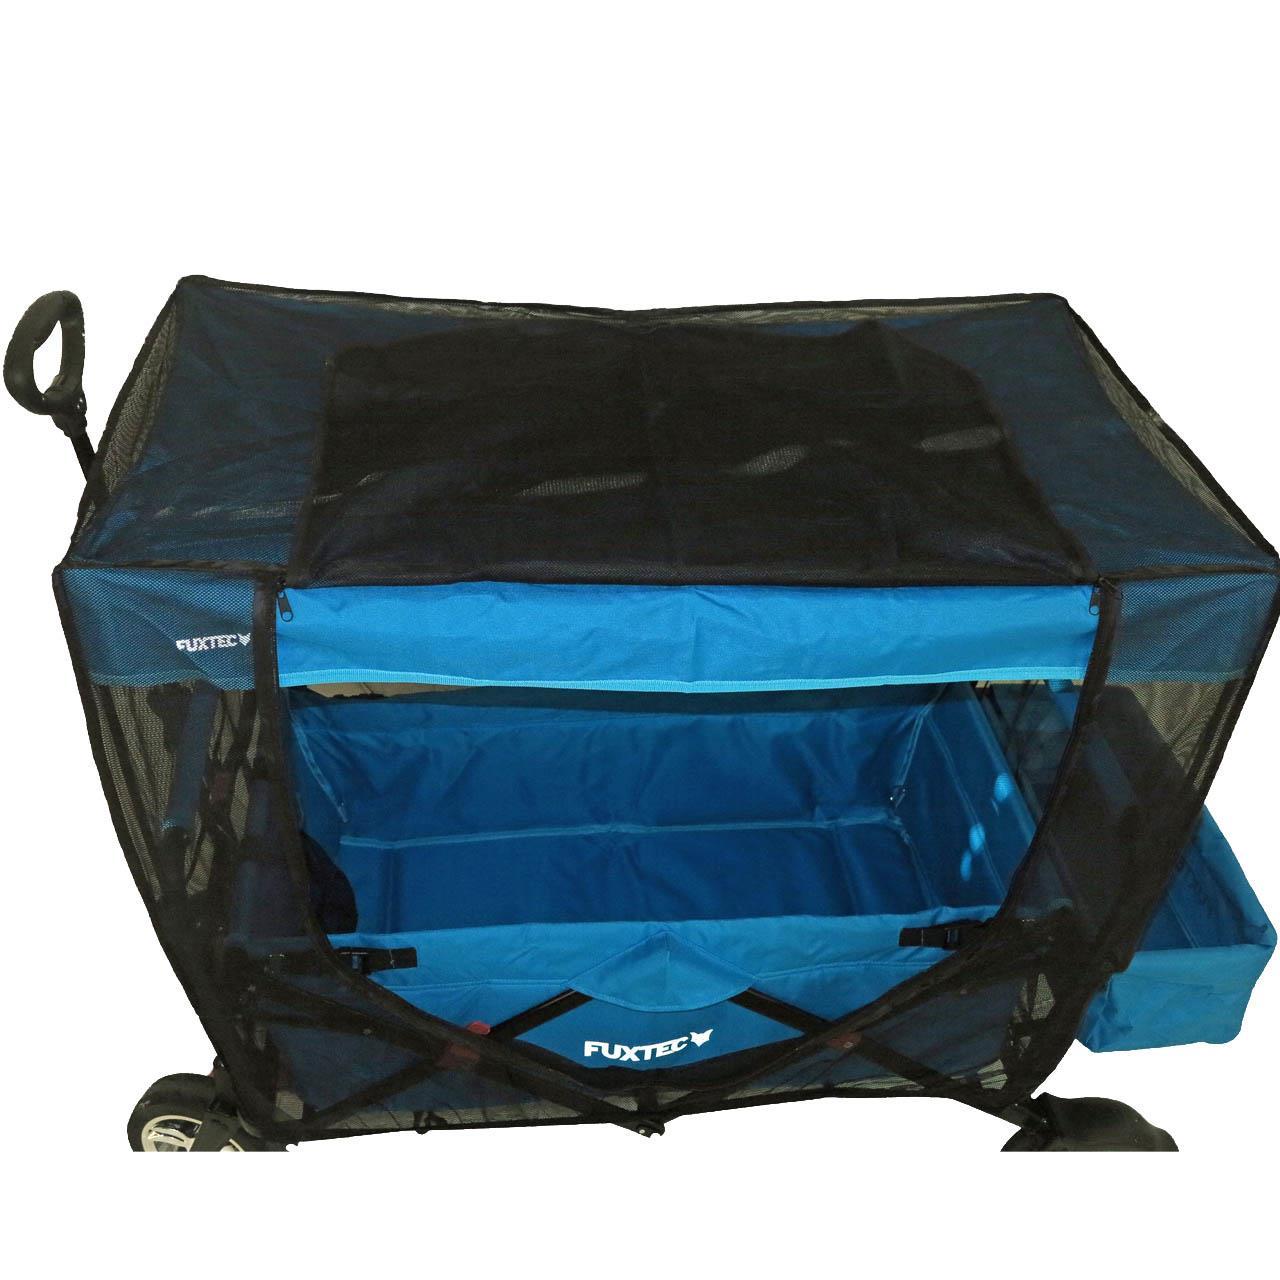 fliegennetz moskitonetz f r bollerwagen ct500 bollerwagen. Black Bedroom Furniture Sets. Home Design Ideas